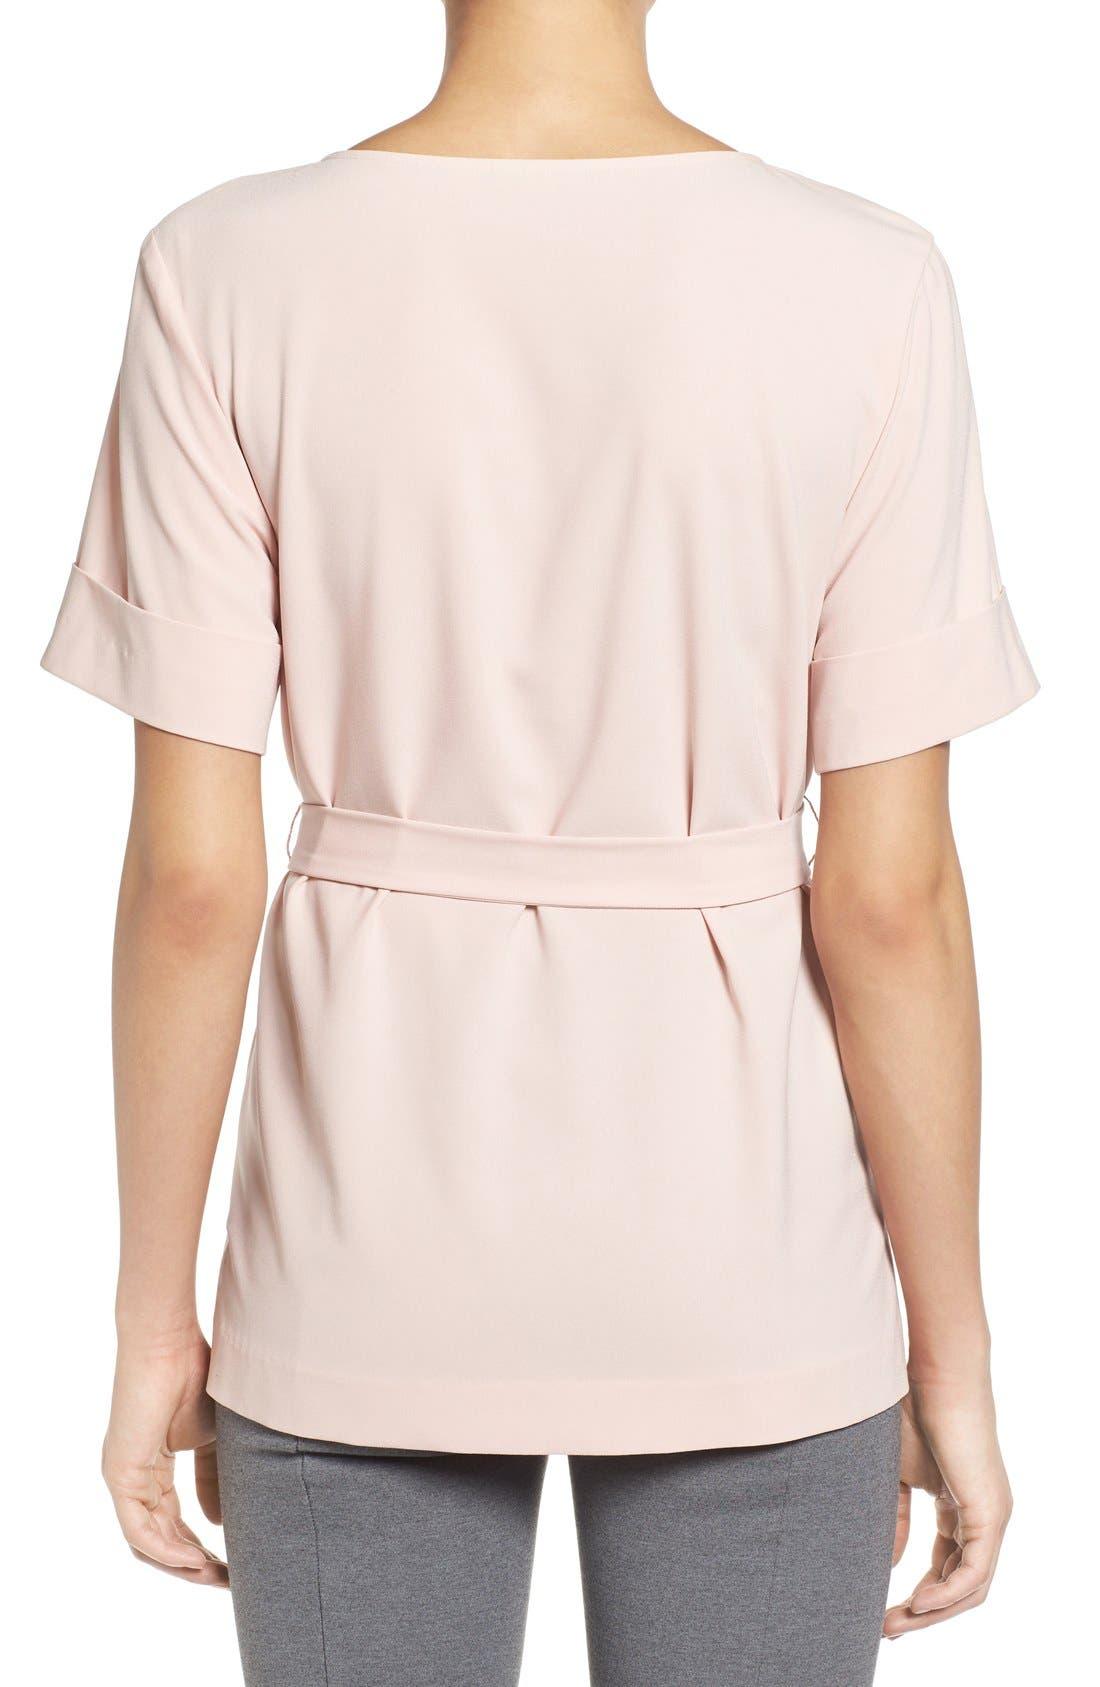 Alternate Image 2  - Halogen® Belted Short Sleeve Top (Regular & Petite)